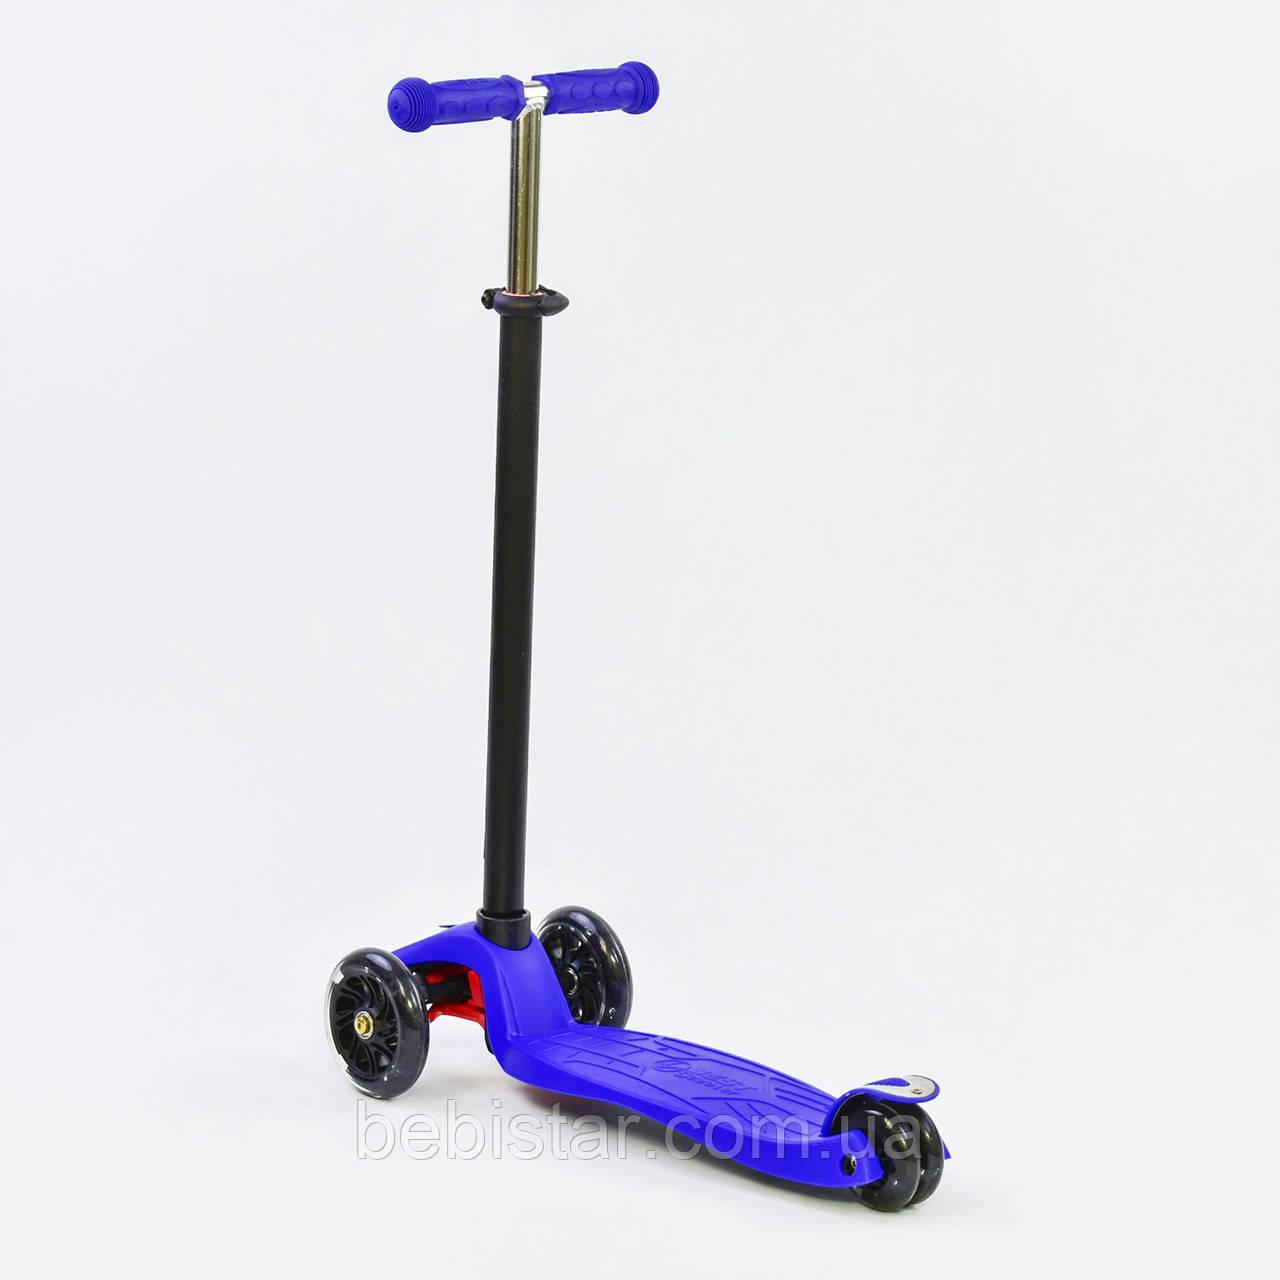 Самокат детский четырехколесный со светящимися колесами синий от 5 до 10 лет